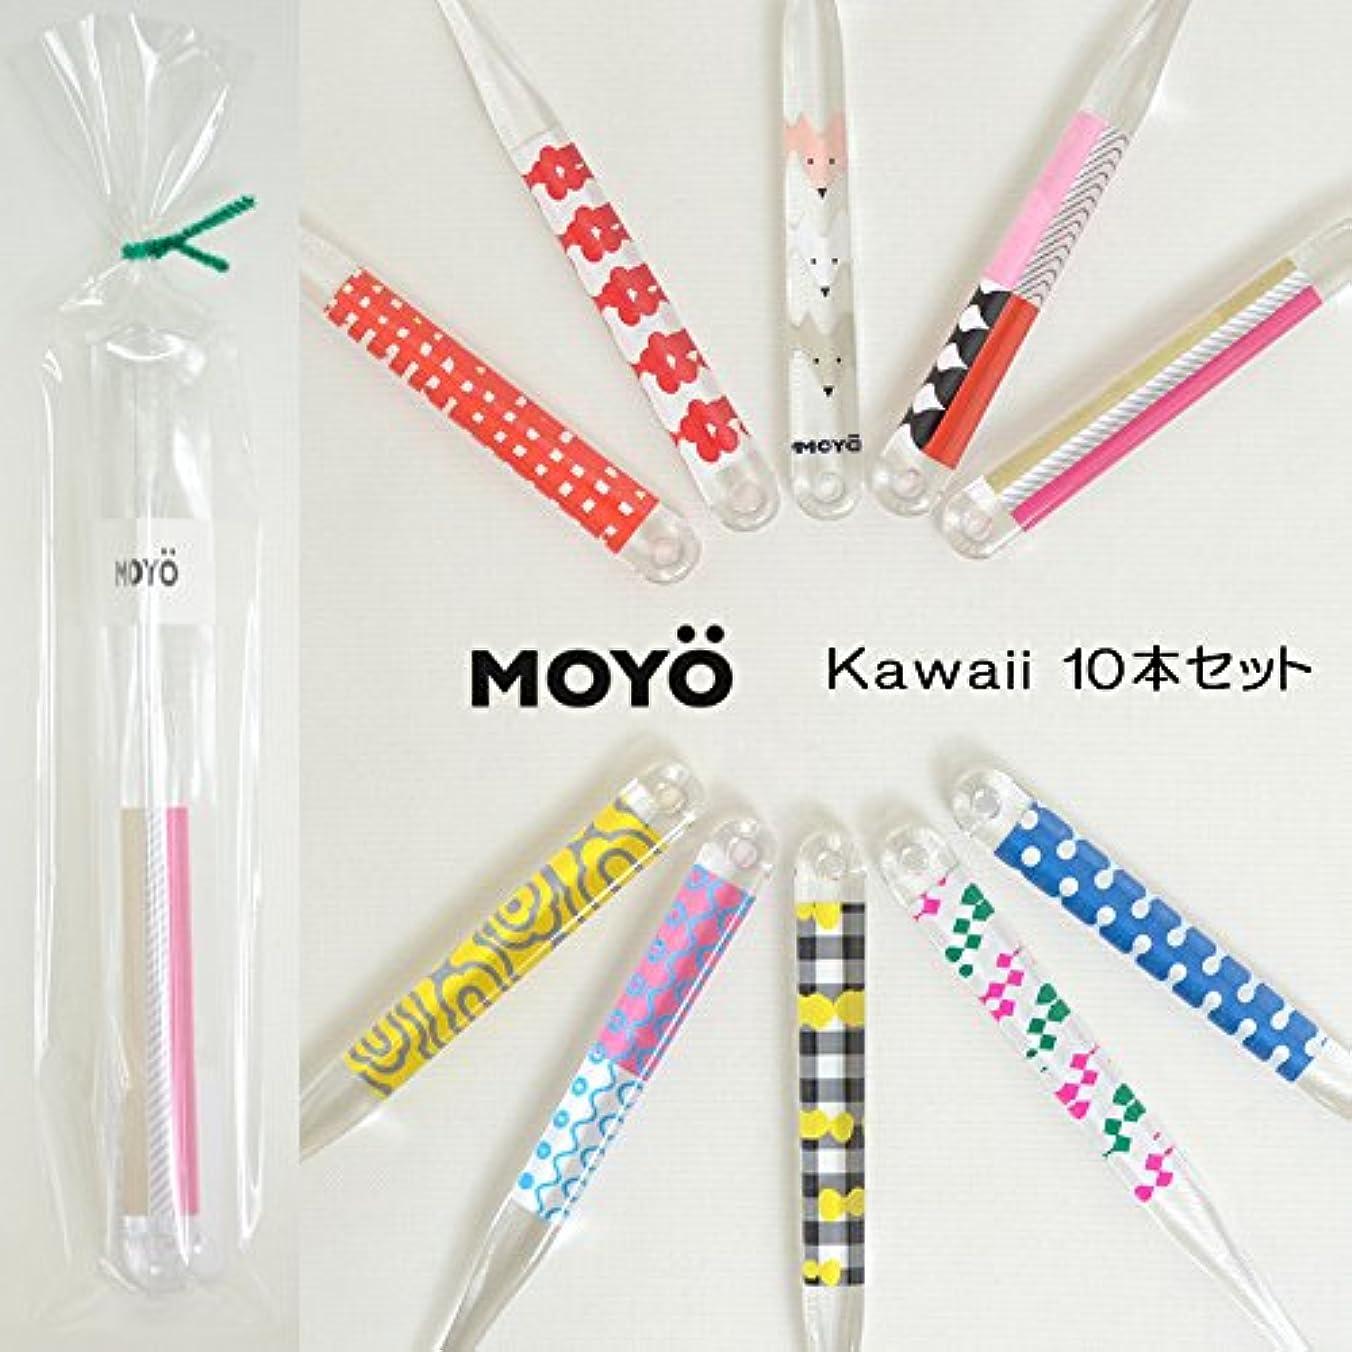 専門化する絡み合い大きさMOYO モヨウ kawaii10本 プチ ギフト セット_562302-kawaii2 【F】,kawaii10本セット